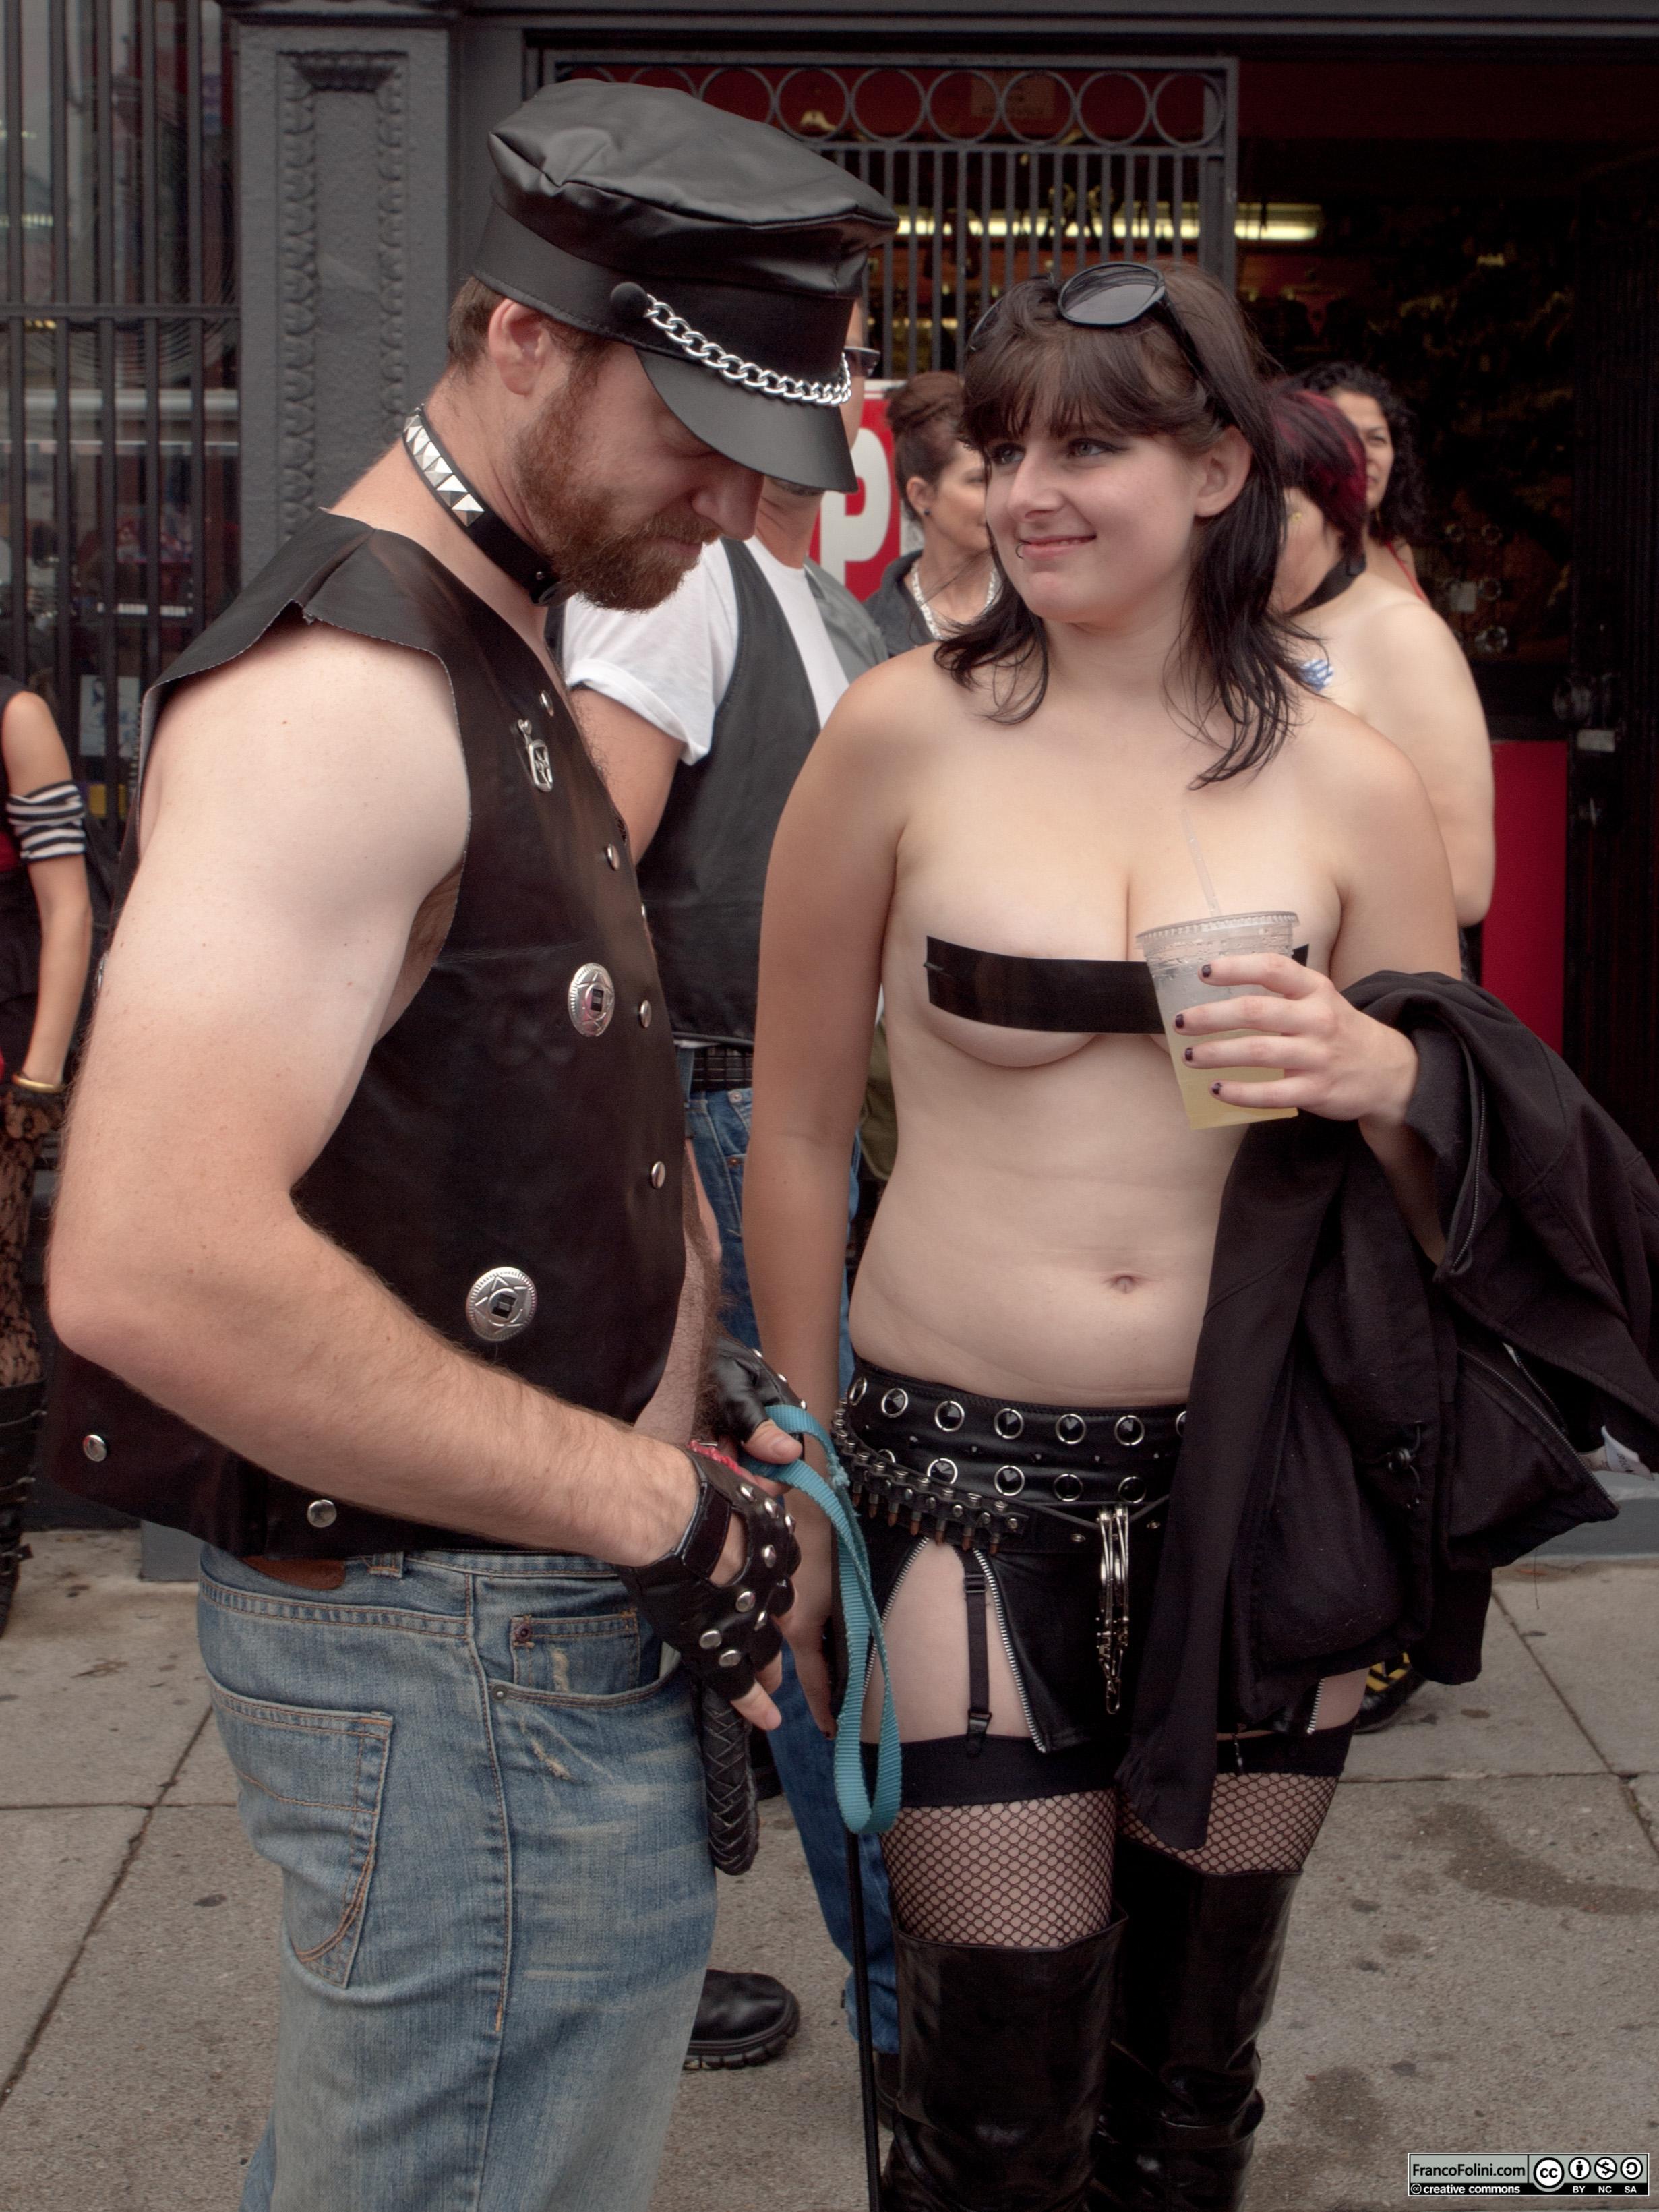 San Francisco Folsom Street Fair: S&M couple